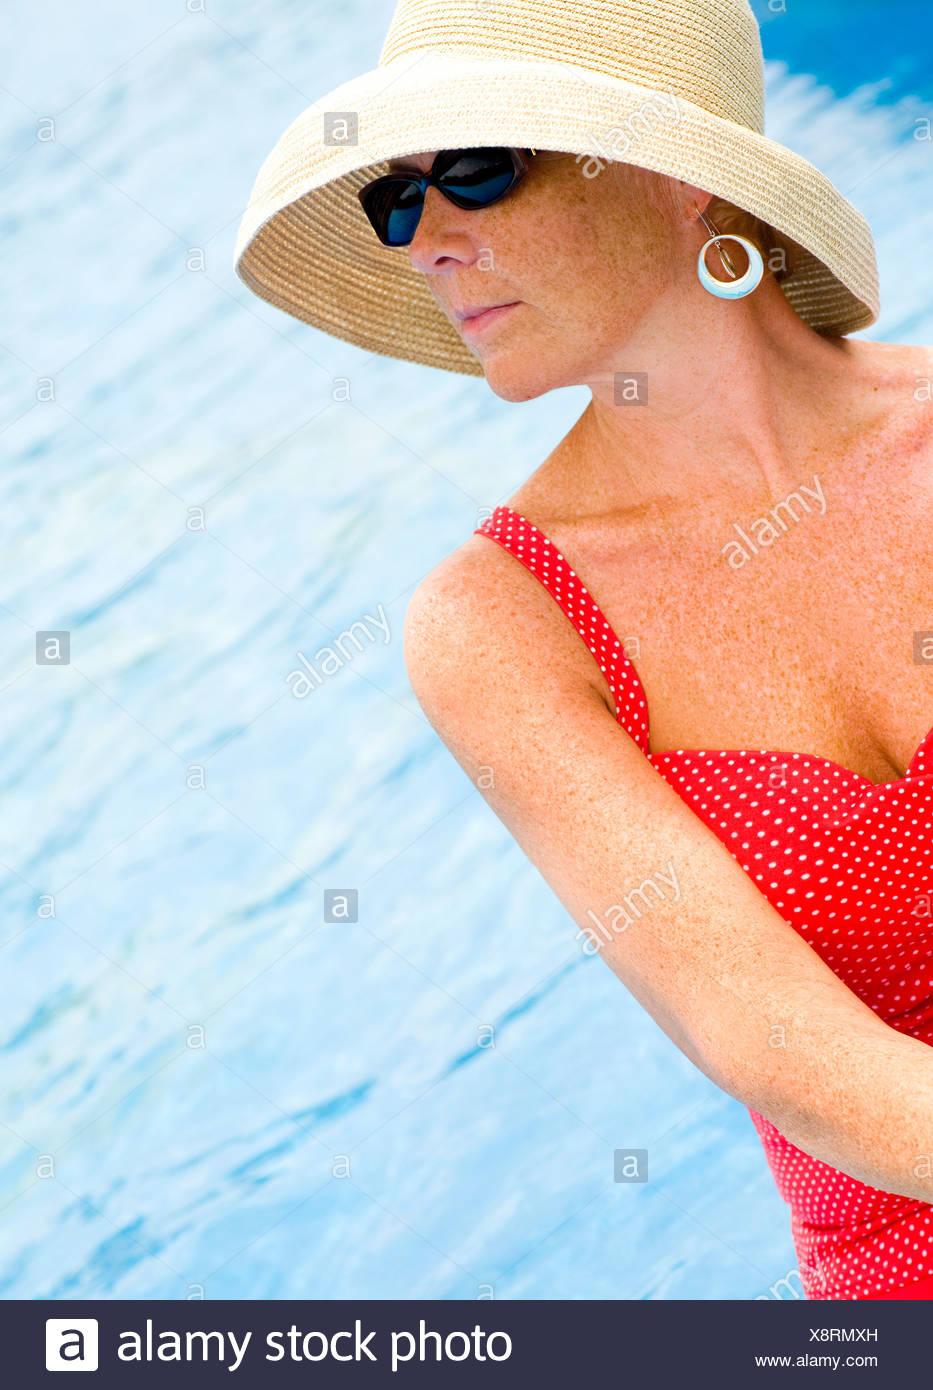 Para El La De En Foto Con Y Sombrero Mujer Gafas Piscina Sol xhBQdrstC